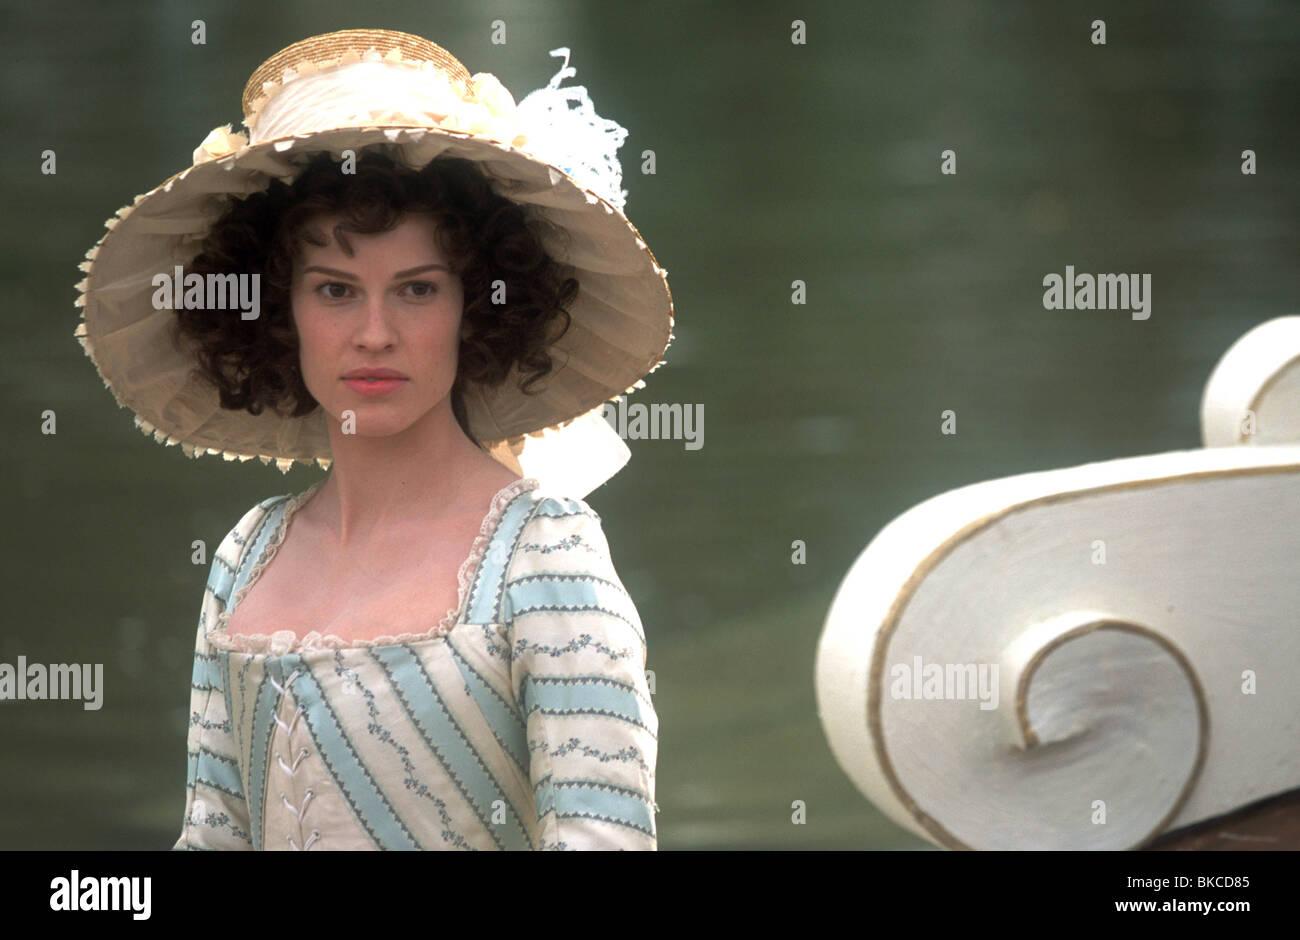 Lo Scandalo Della Collana Film affare della collana (2001) hilary swank aotn 001-4916 foto